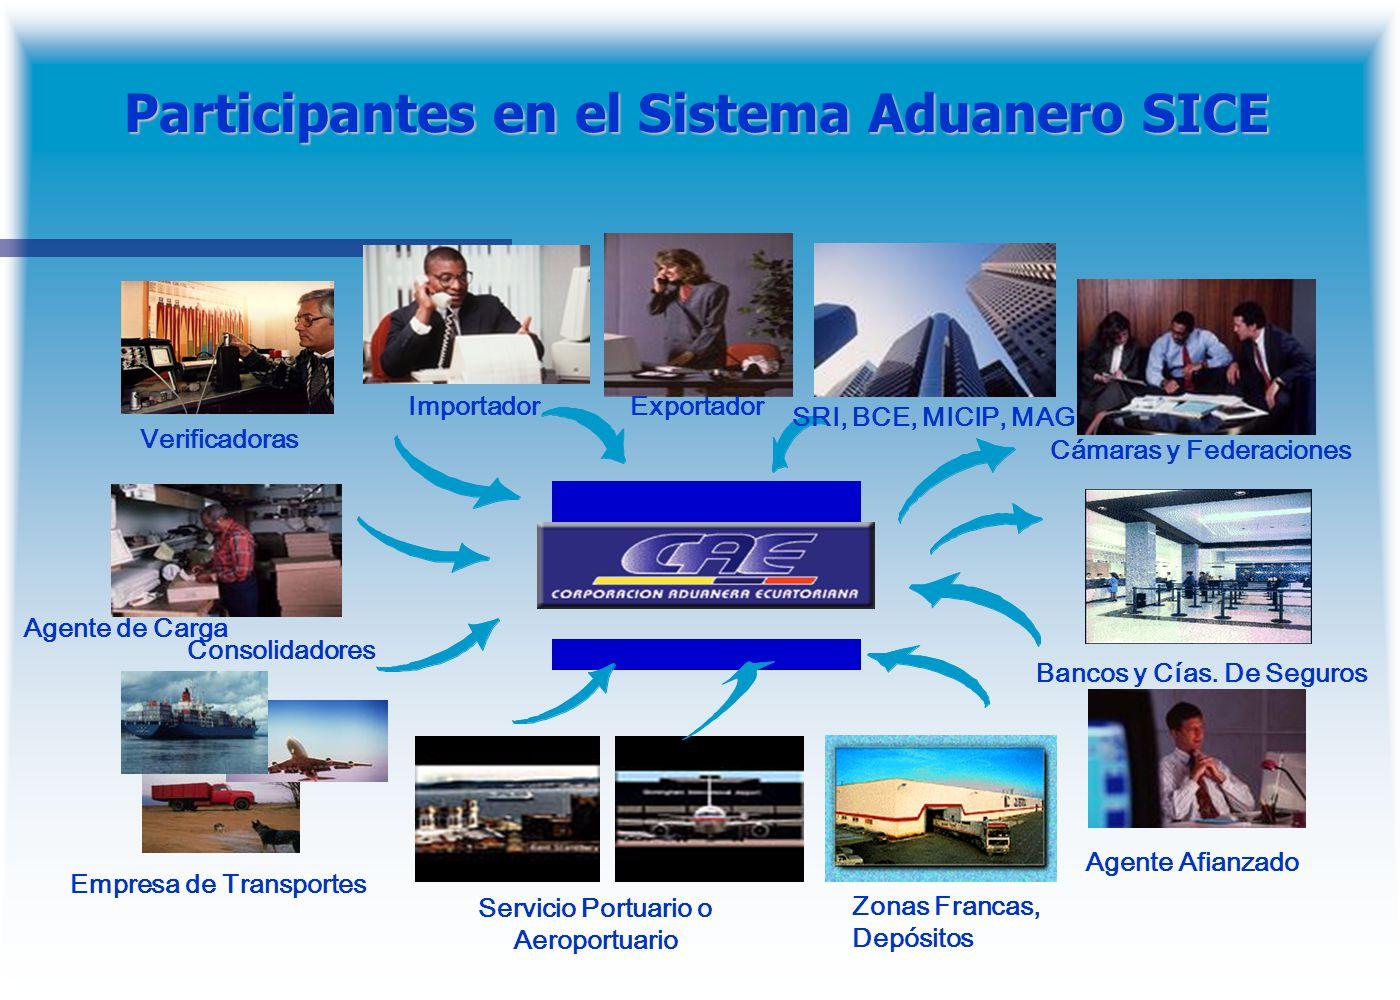 Participantes en el Sistema Aduanero SICE